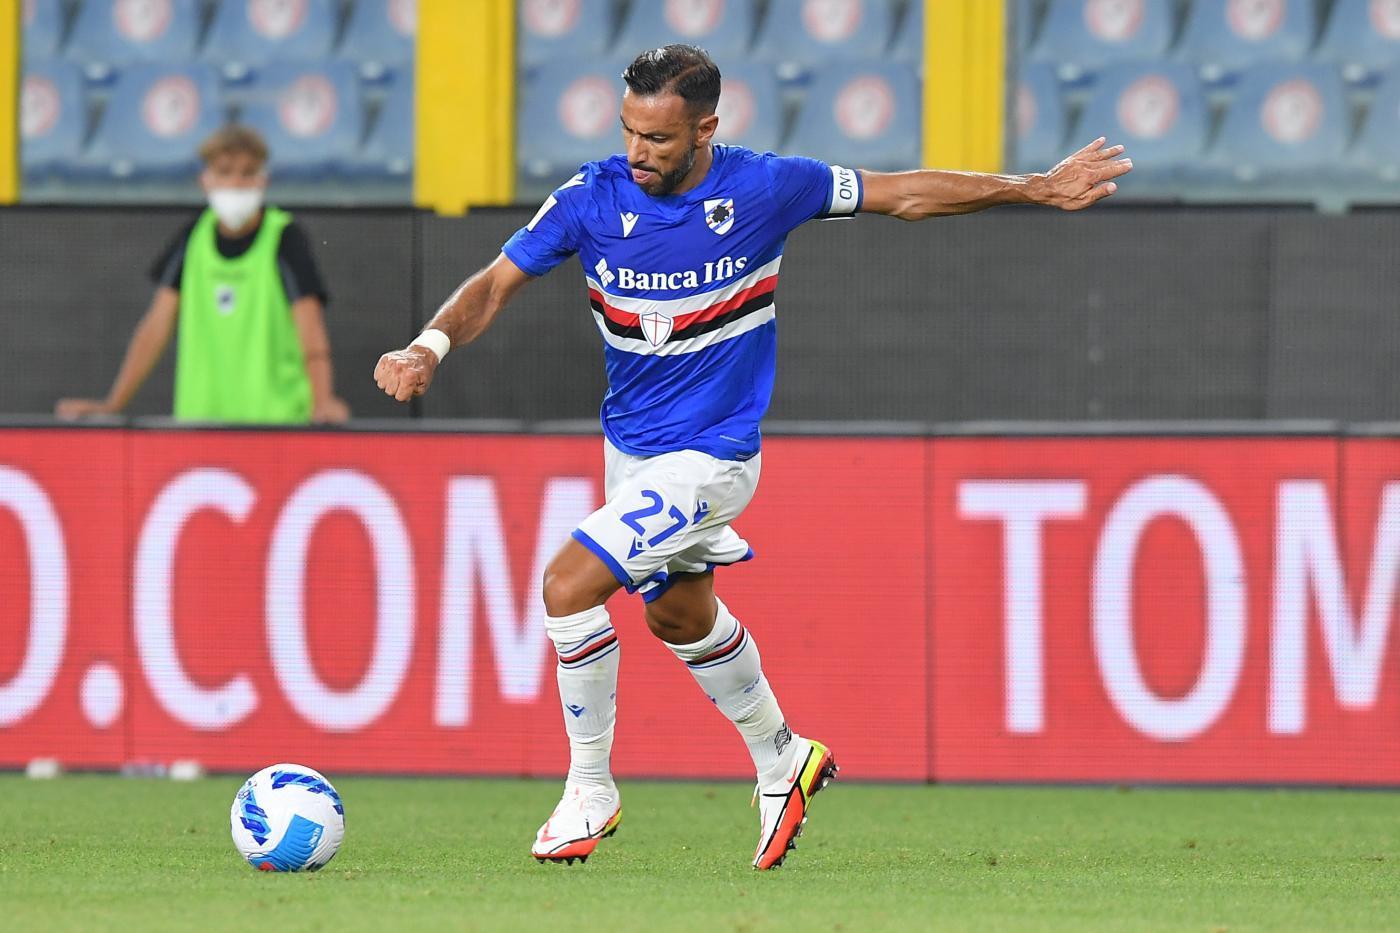 Serie A : Sampdoria Milan 0-1 e Cagliari Spezia 2-2